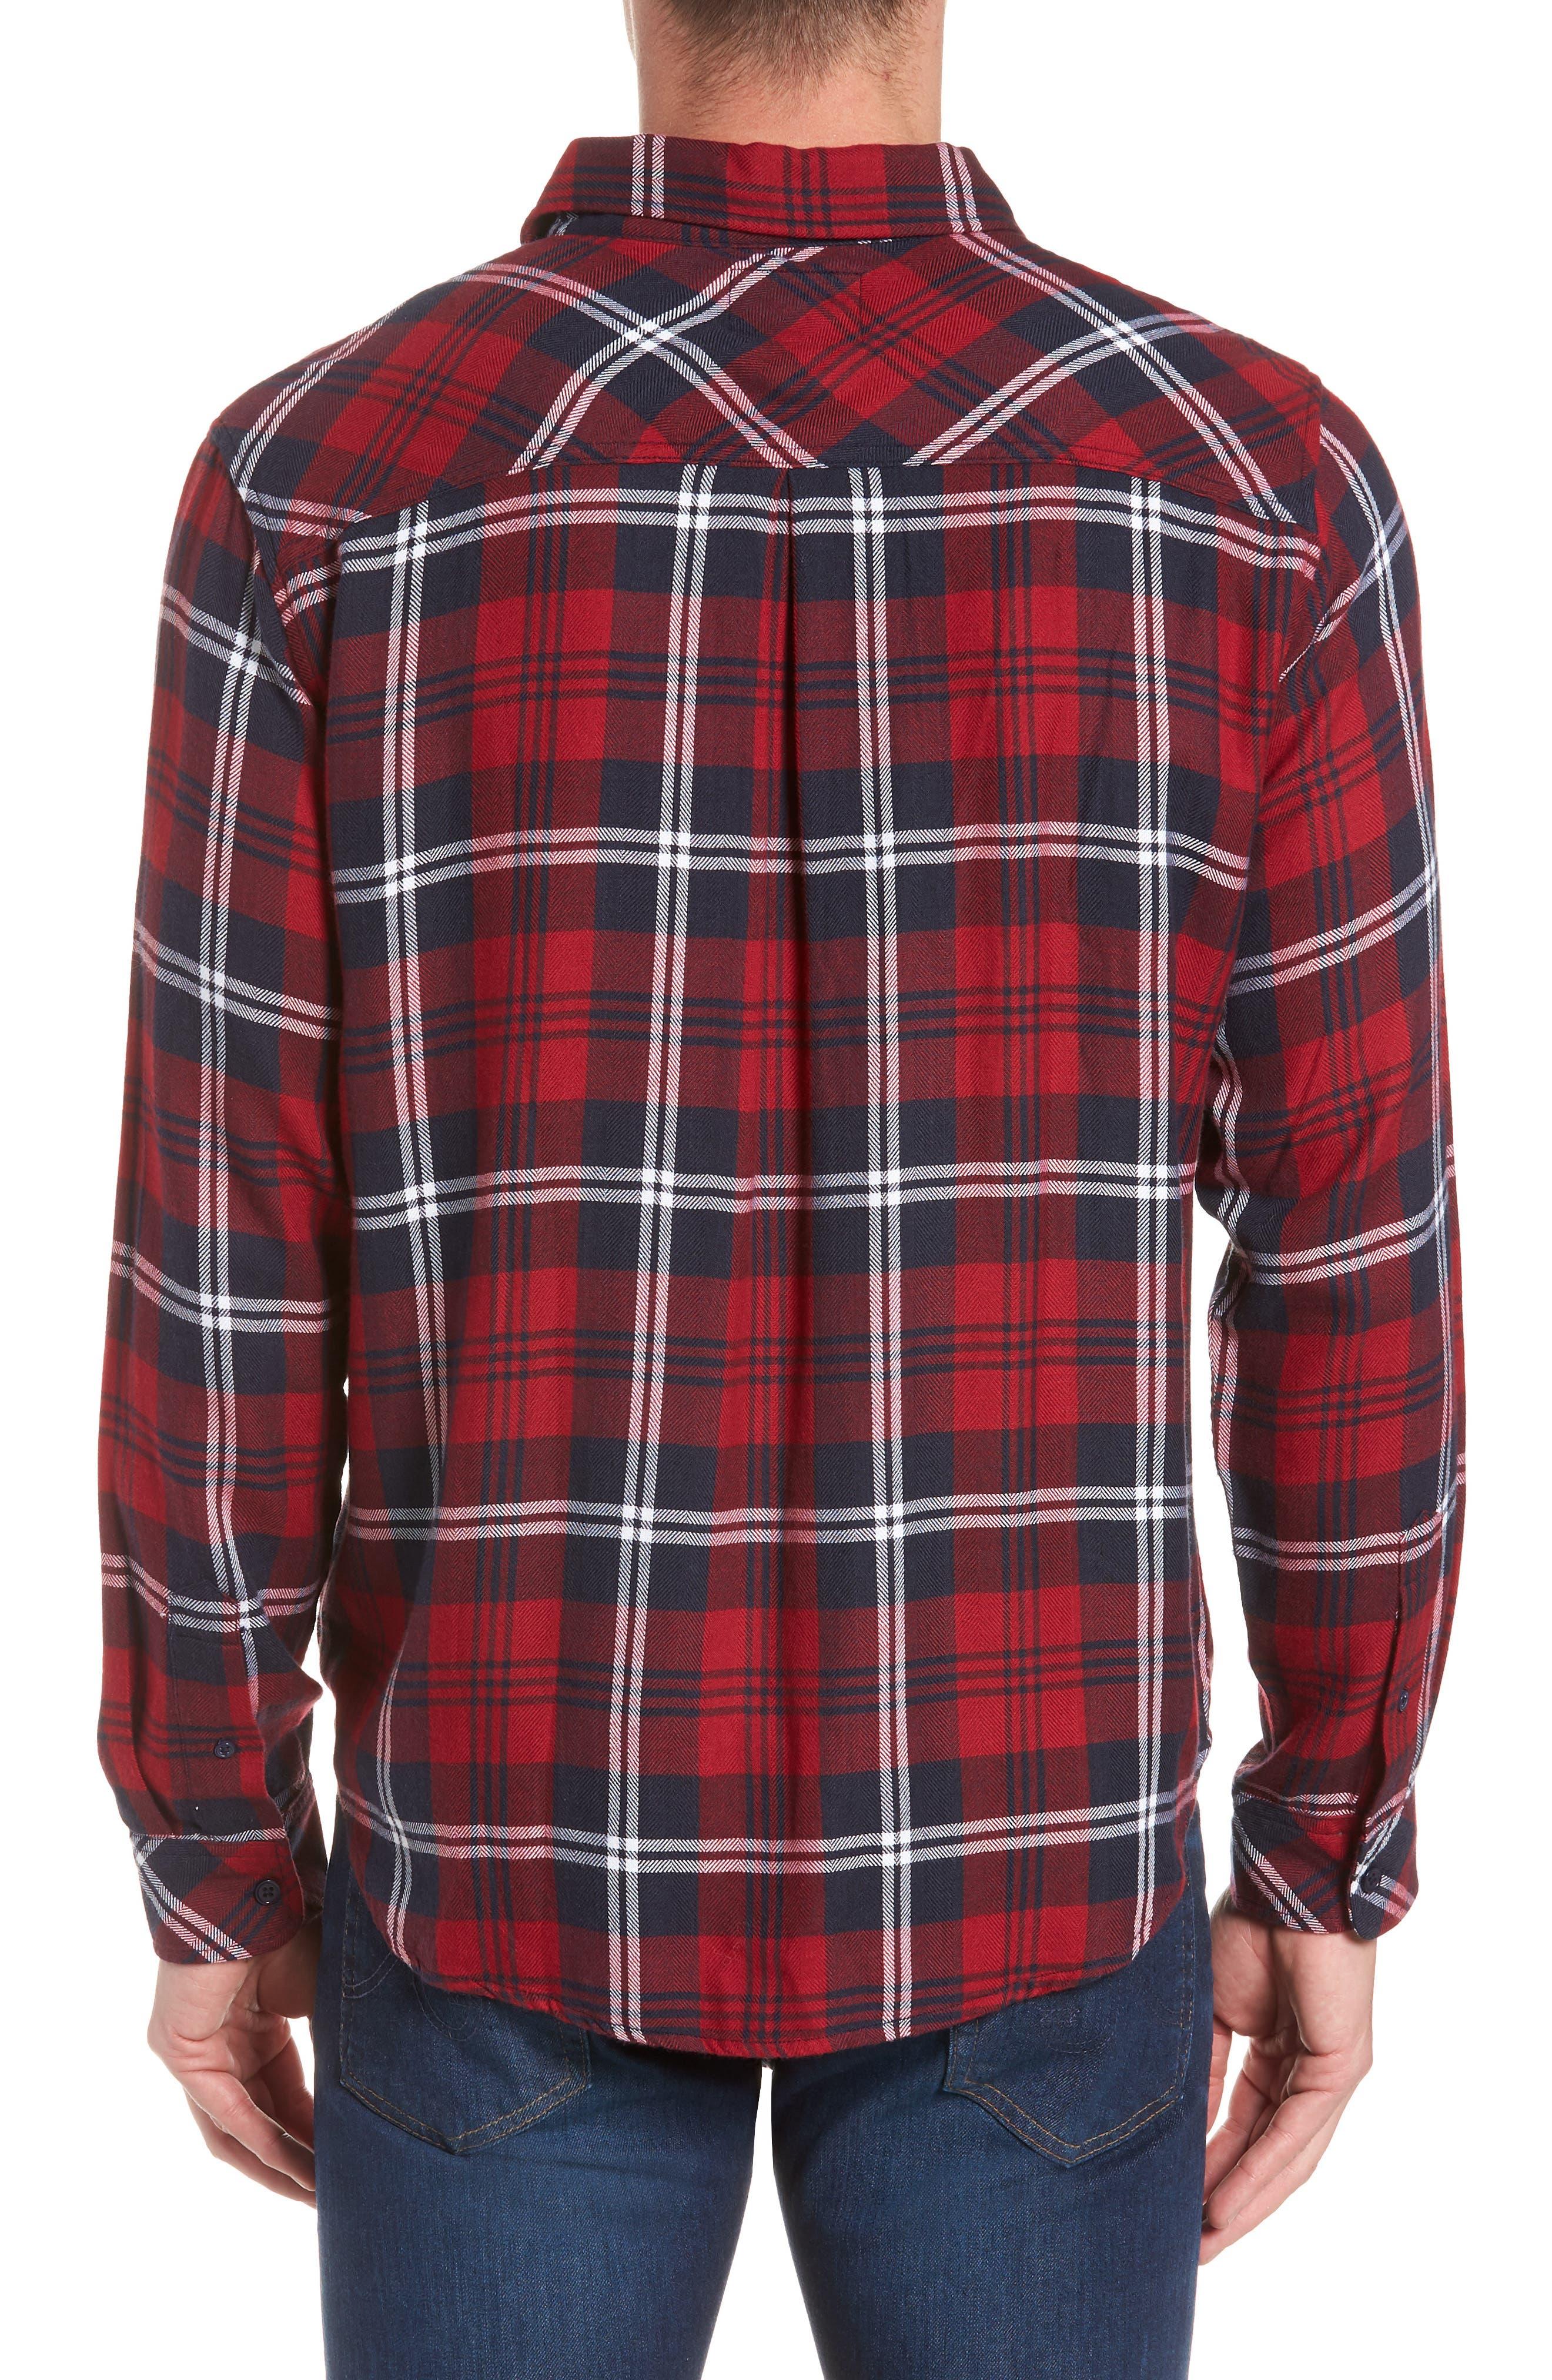 Lennox Sport Shirt,                             Alternate thumbnail 3, color,                             RED/ NAVY/ WHITE